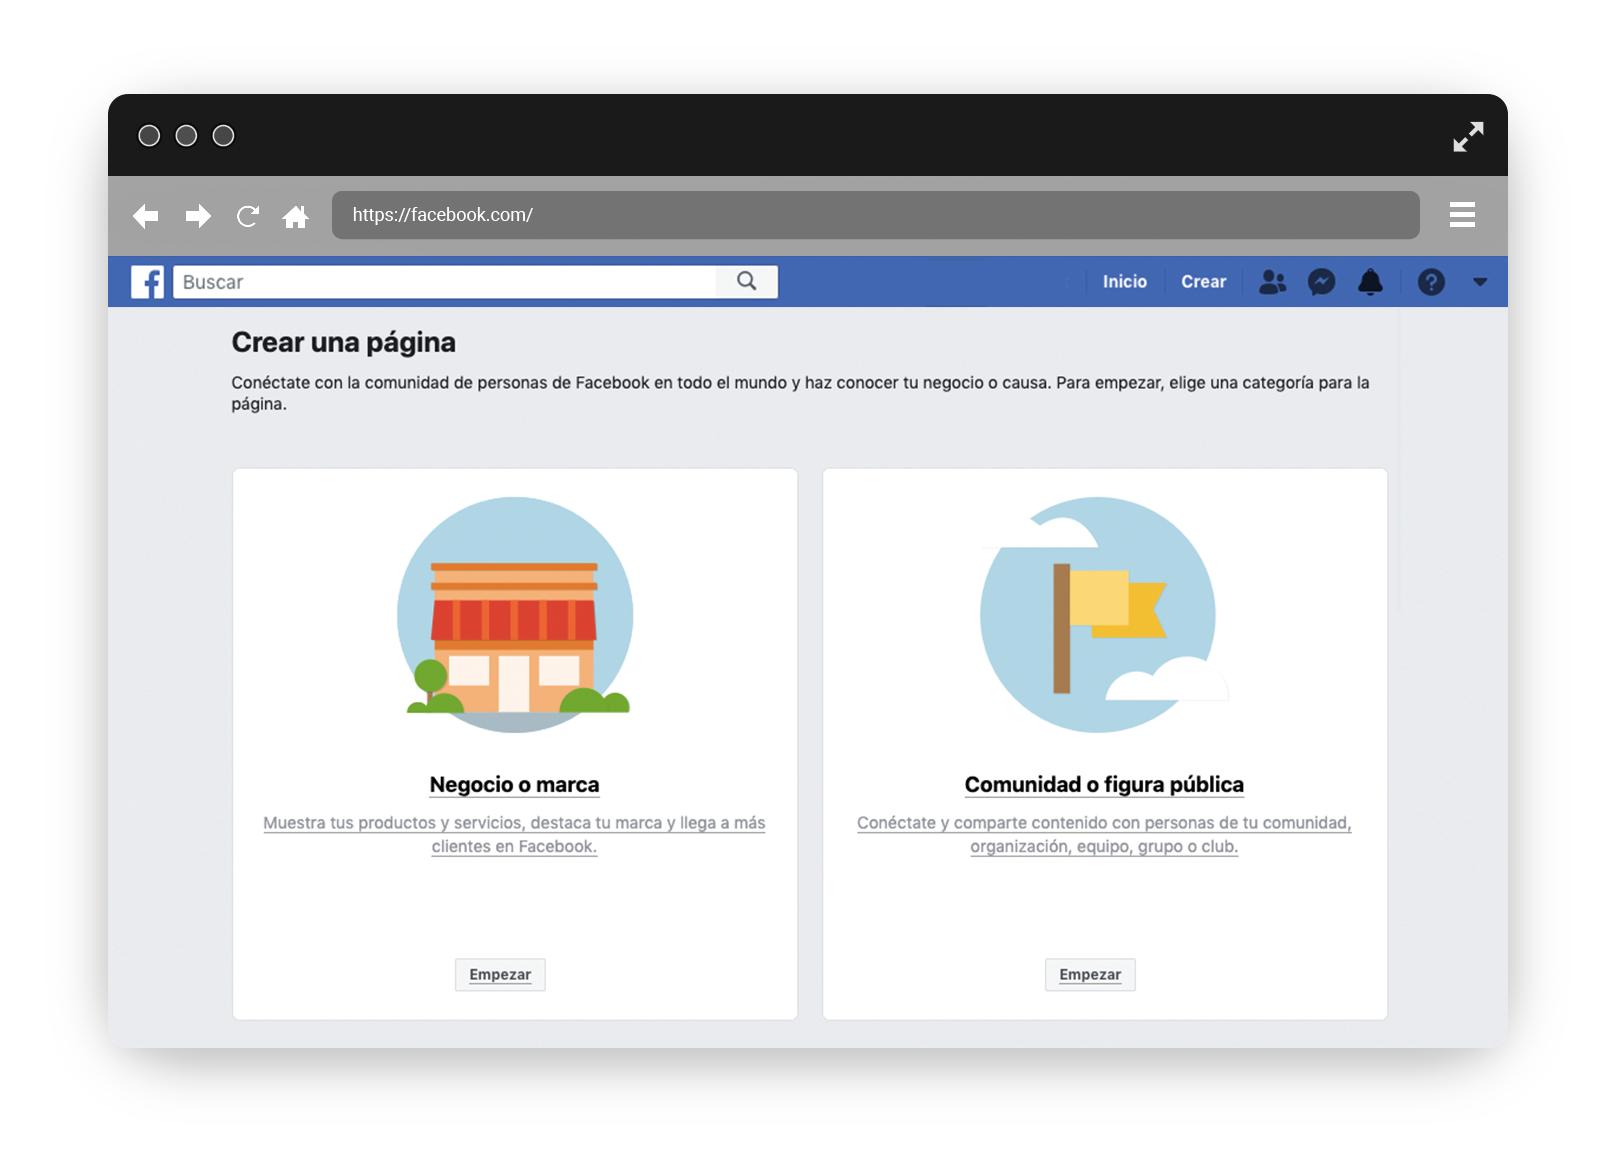 Crear-pagina-de-facebook-debes-elegir-si-es-un-negocio-o-marca-o-comunidad-o-figura-publica